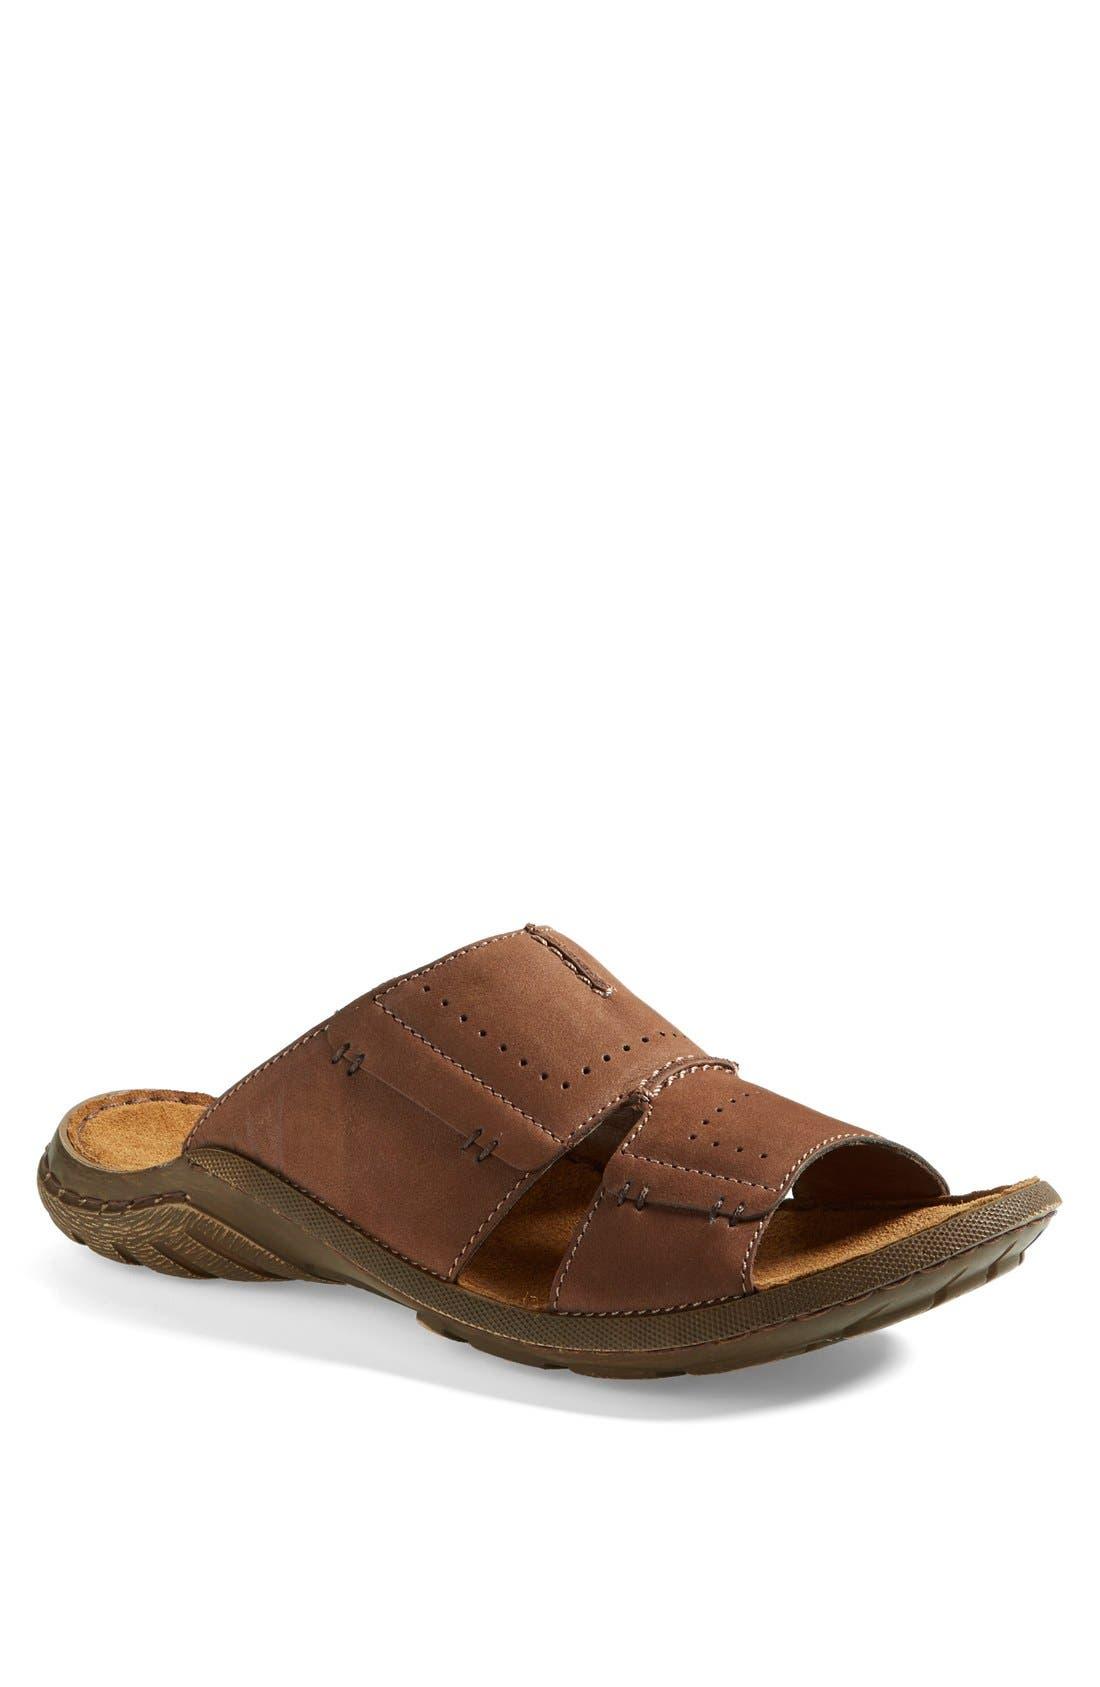 'Logan 21' Slide Sandal,                             Main thumbnail 1, color,                             Nut